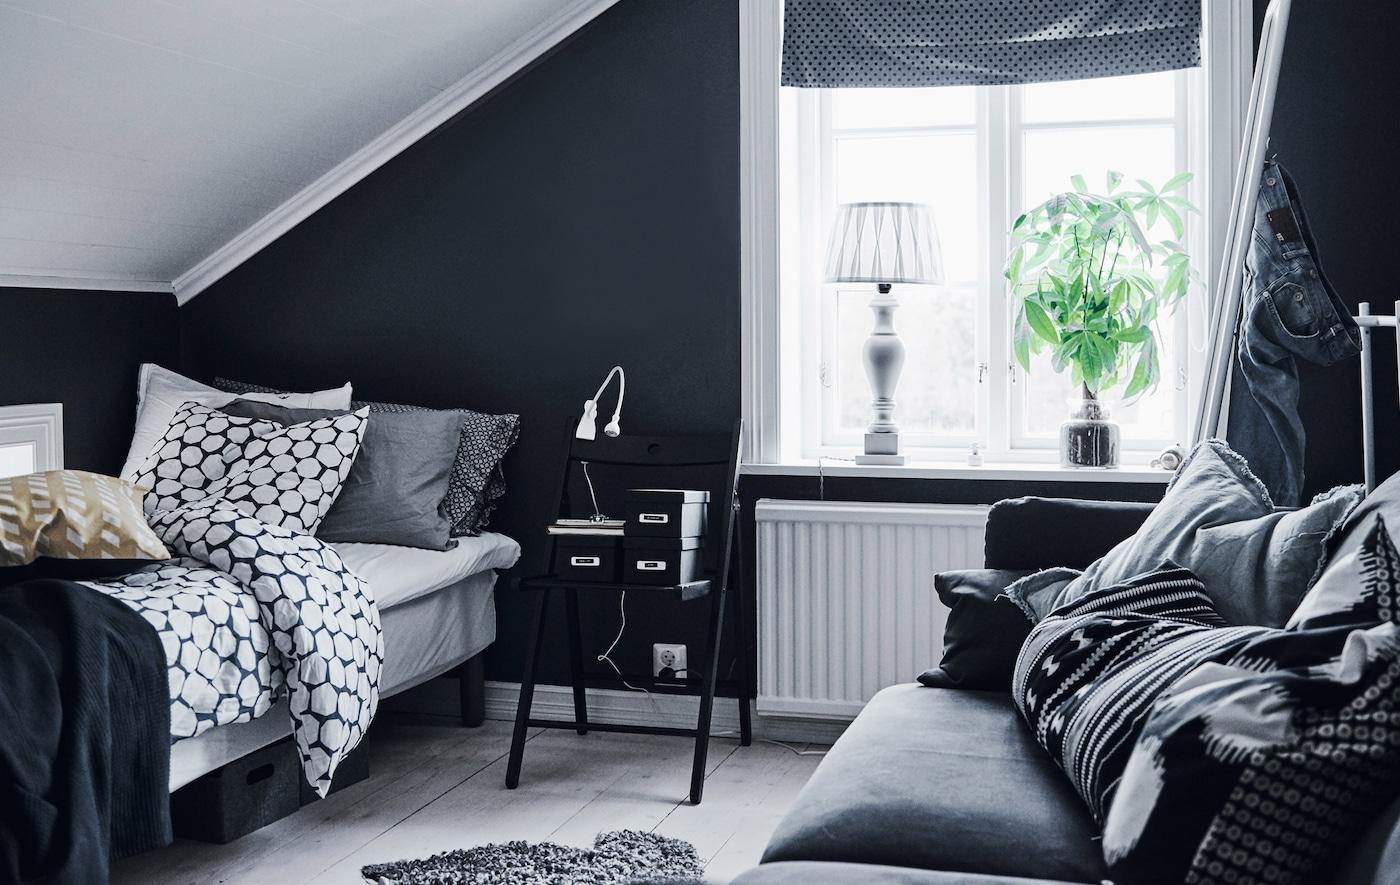 jugendzimmer cool gestalten ikea. Black Bedroom Furniture Sets. Home Design Ideas